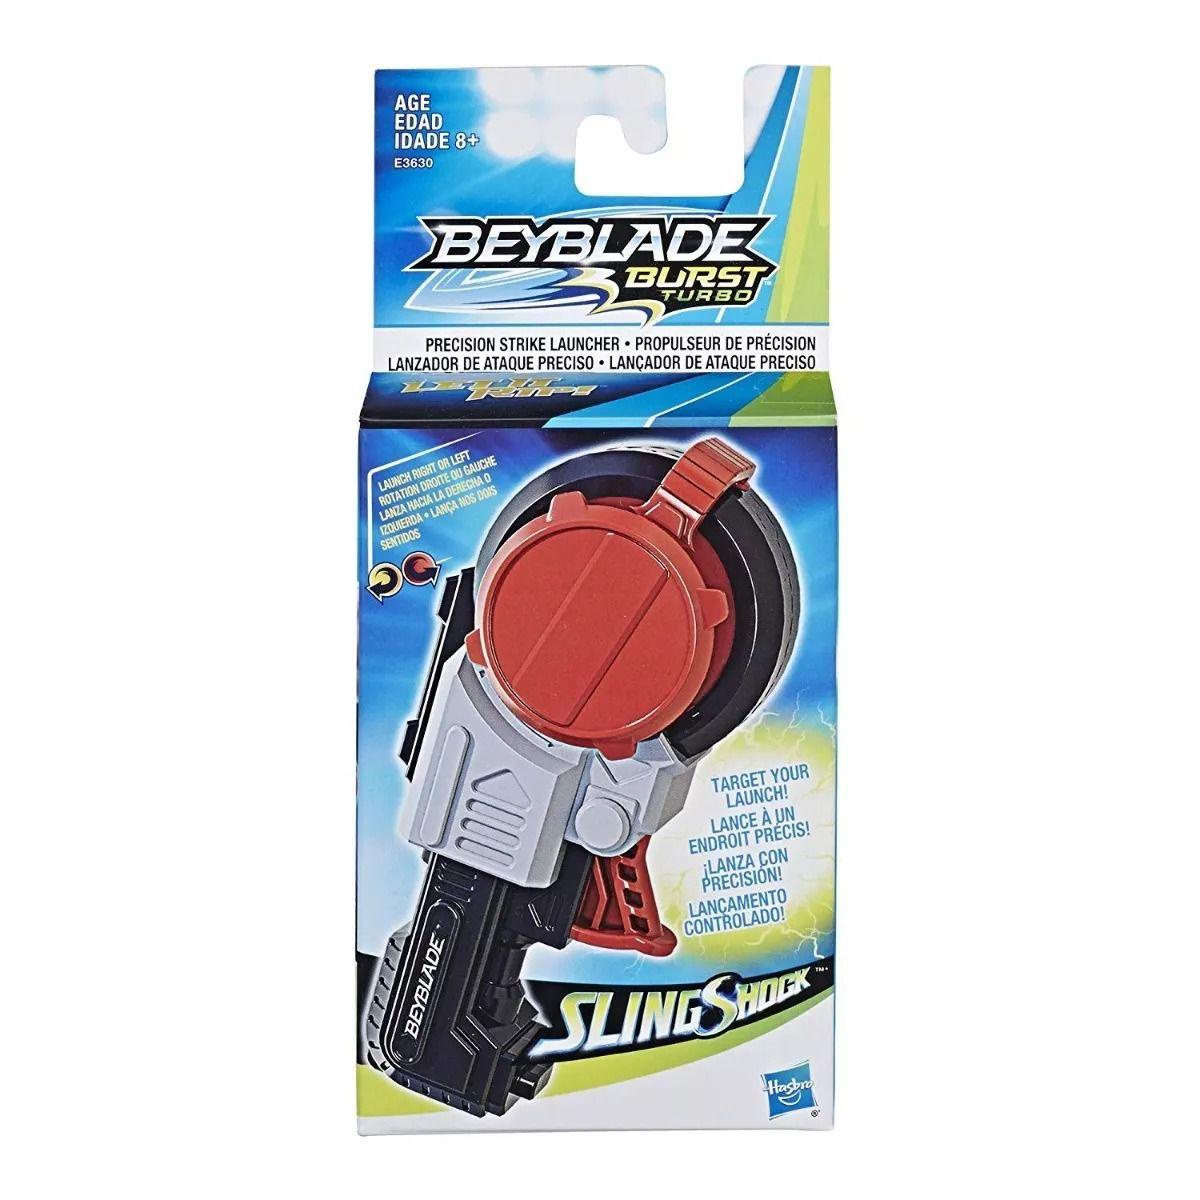 Beyblade Burst Sling Shock Lançador De Ataque Precisão - Hasbro  - Doce Diversão